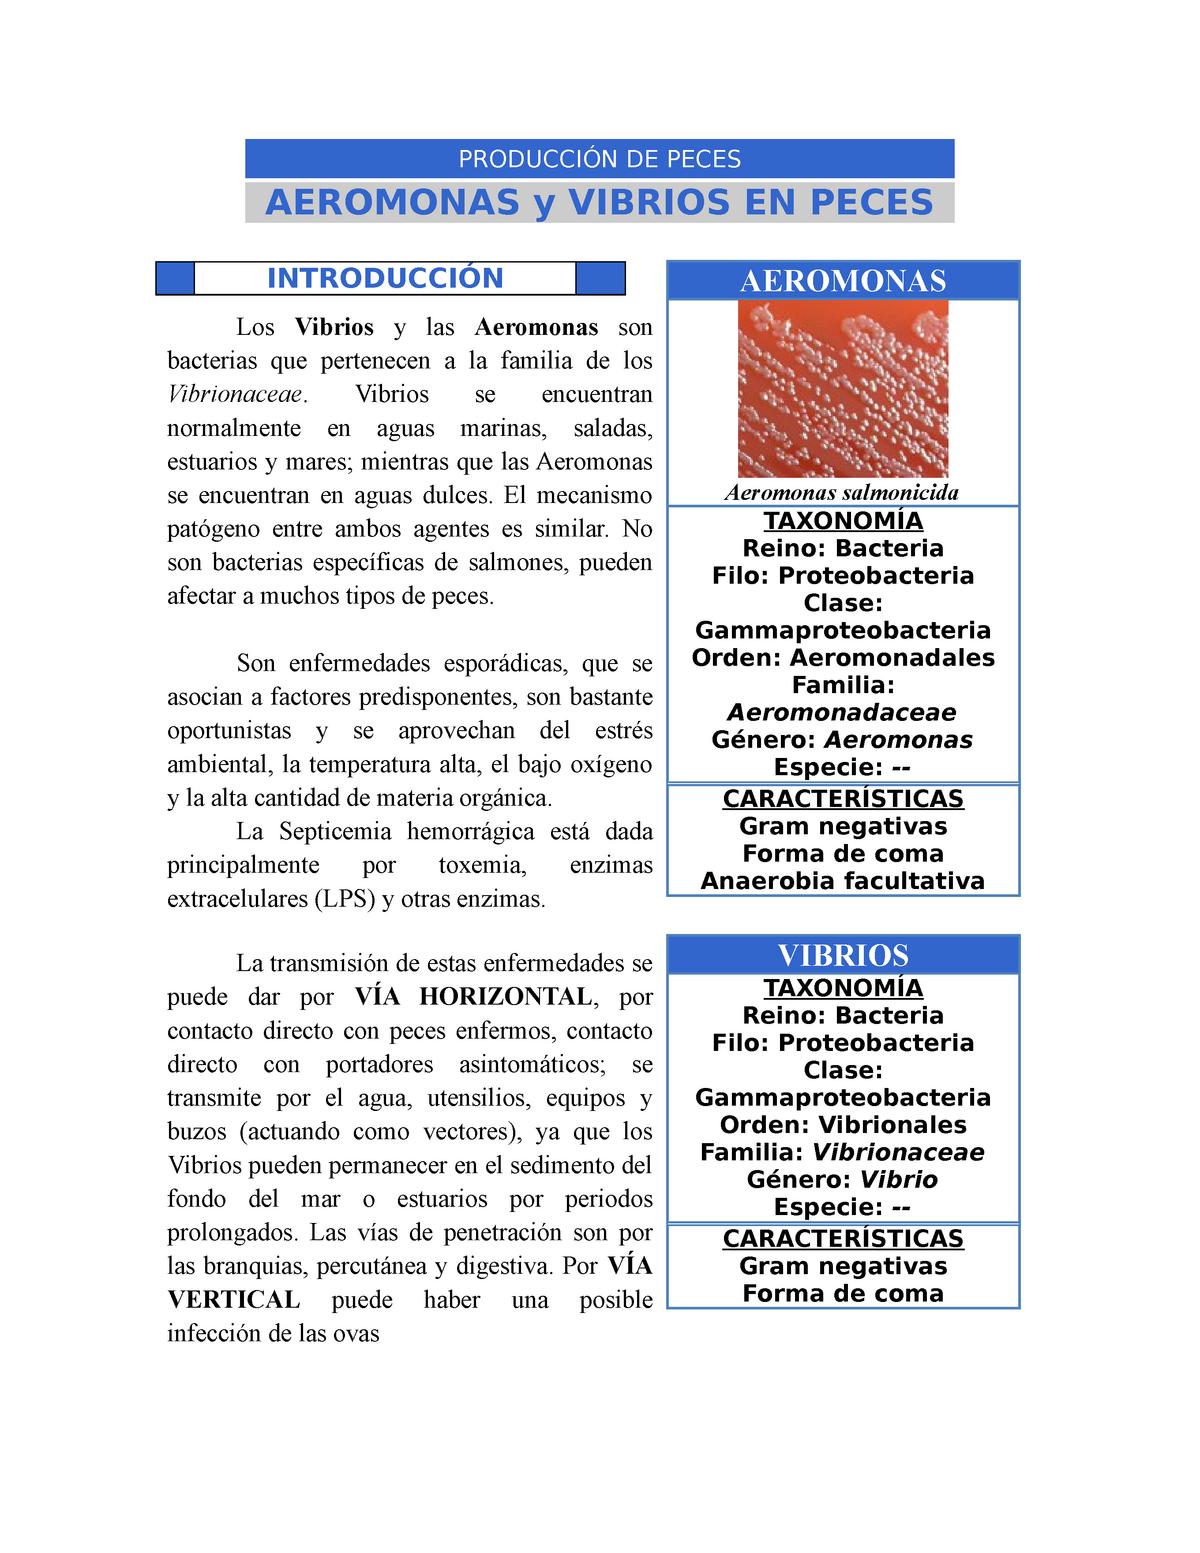 enfermedad hemorragica en peces